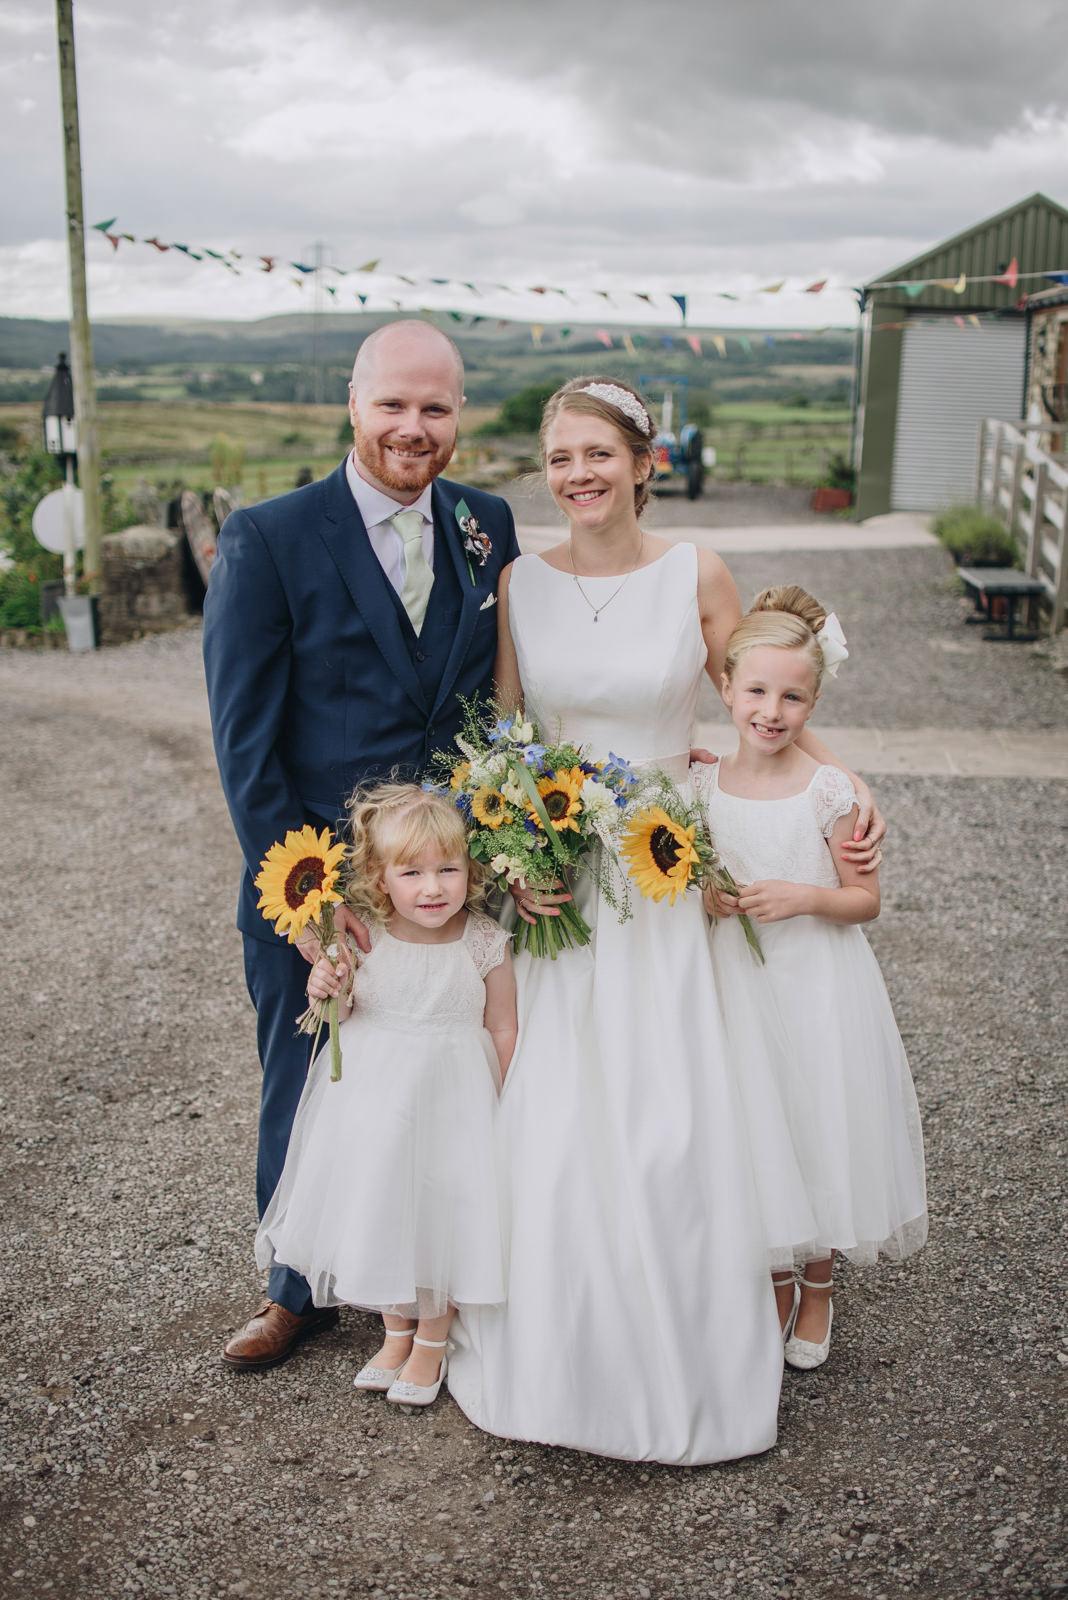 Alternative-North-West-Wedding-Photography-Wellbeing-Farm-Wedding-bus-llamas-58.jpg